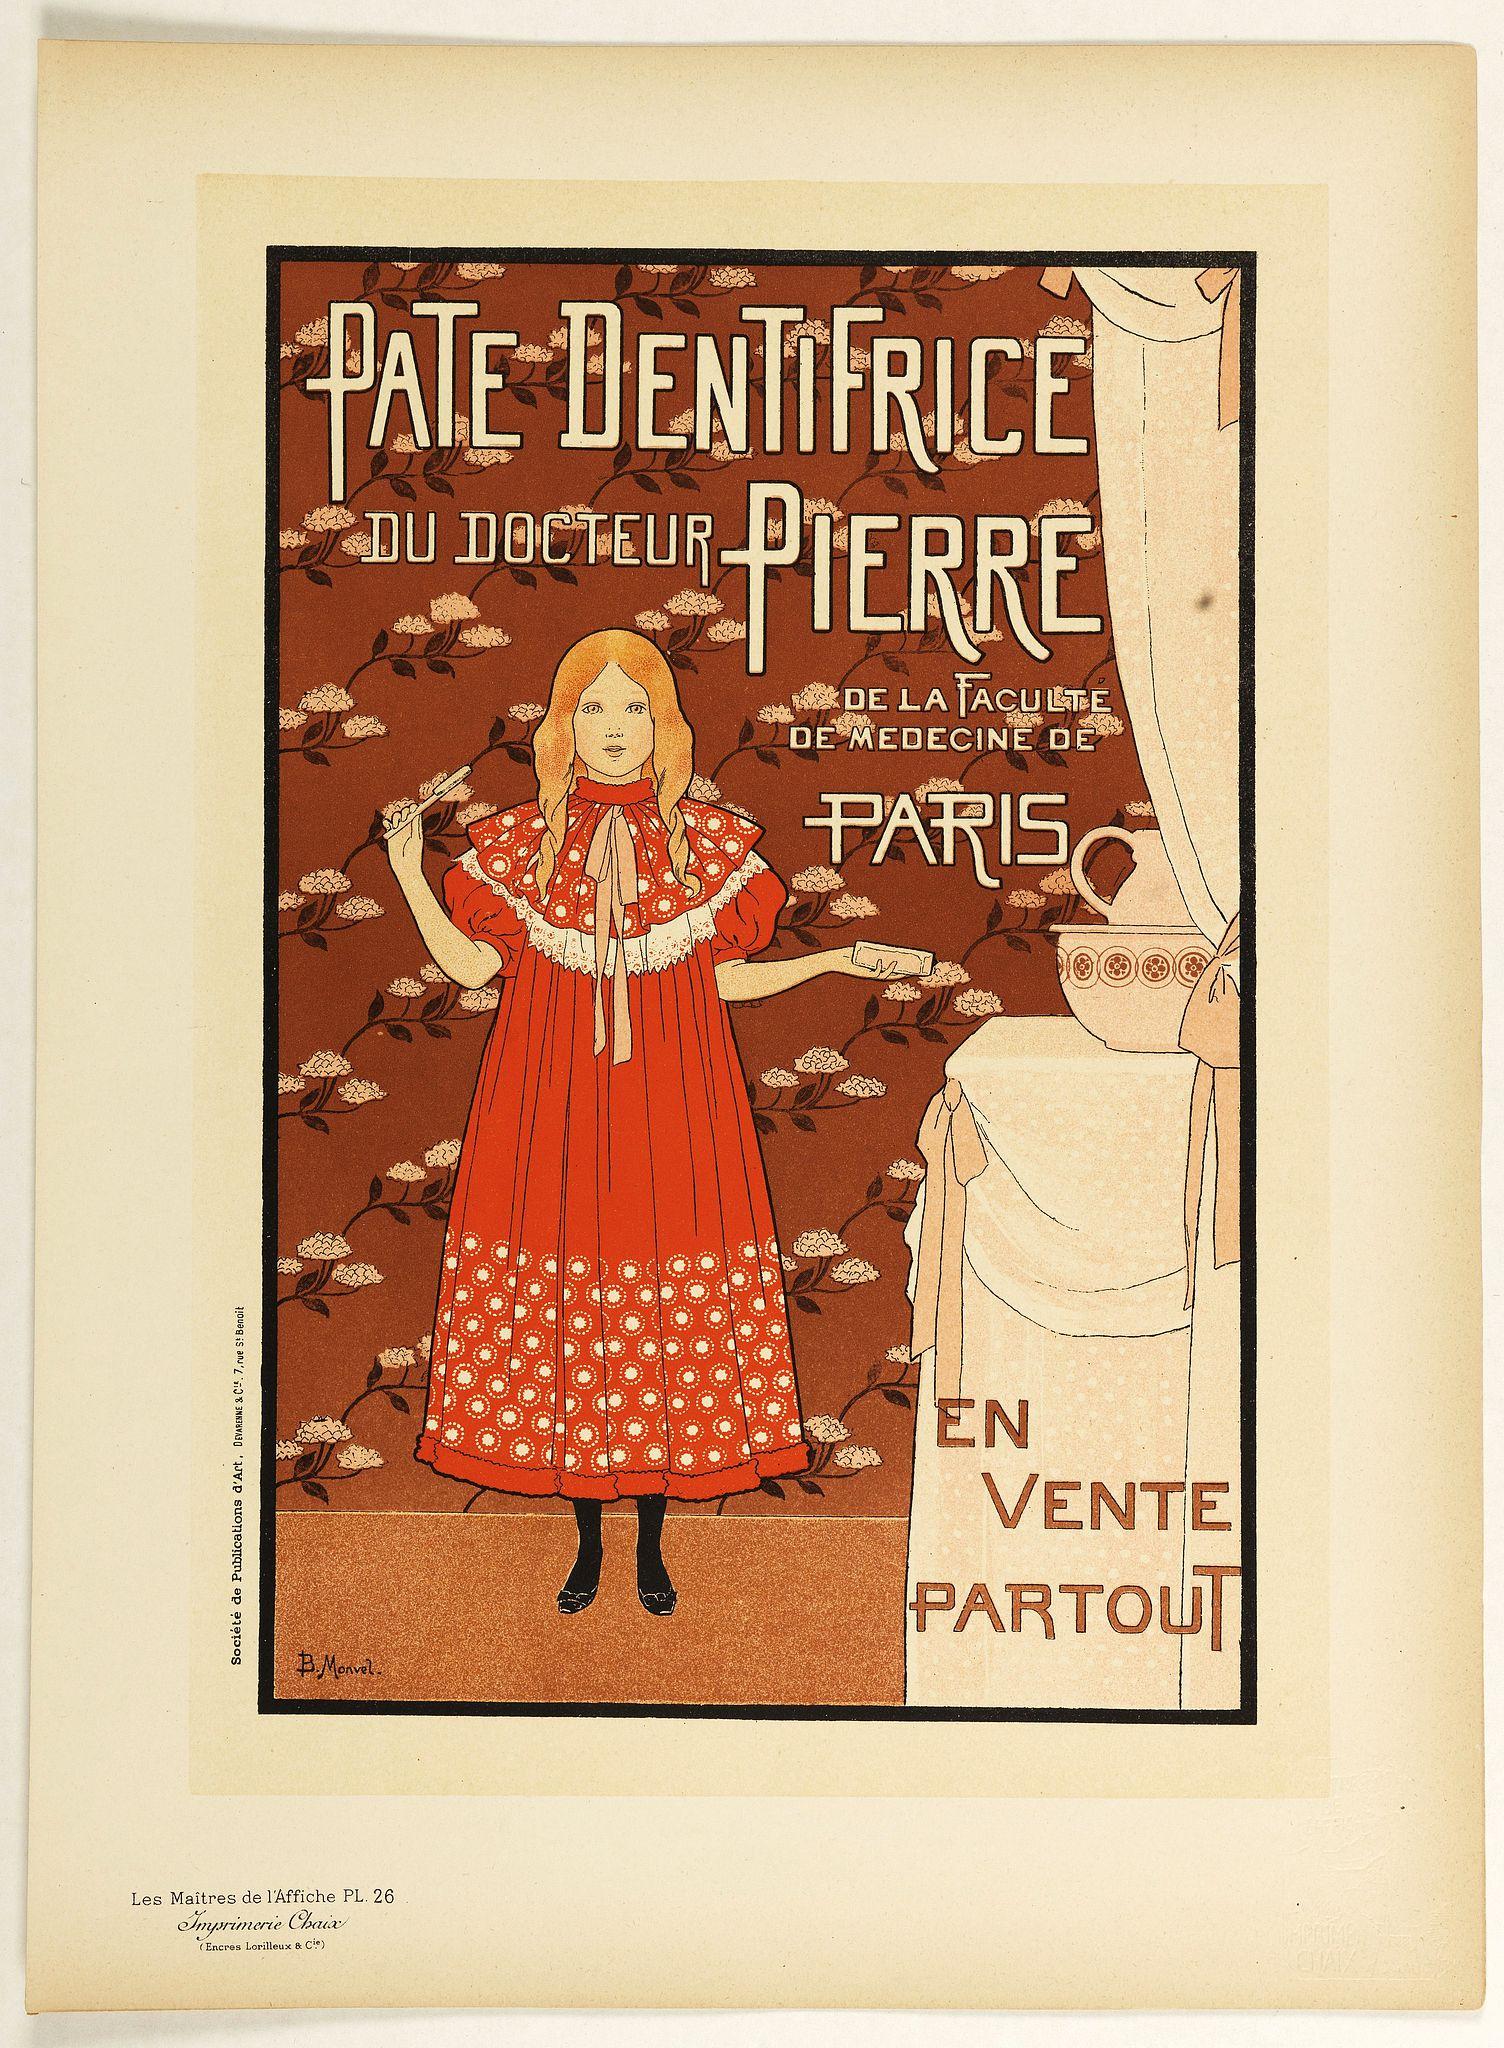 LES MAITRES DE L'AFFICHE - Pate dentifrice du Docteur Pierre . . .